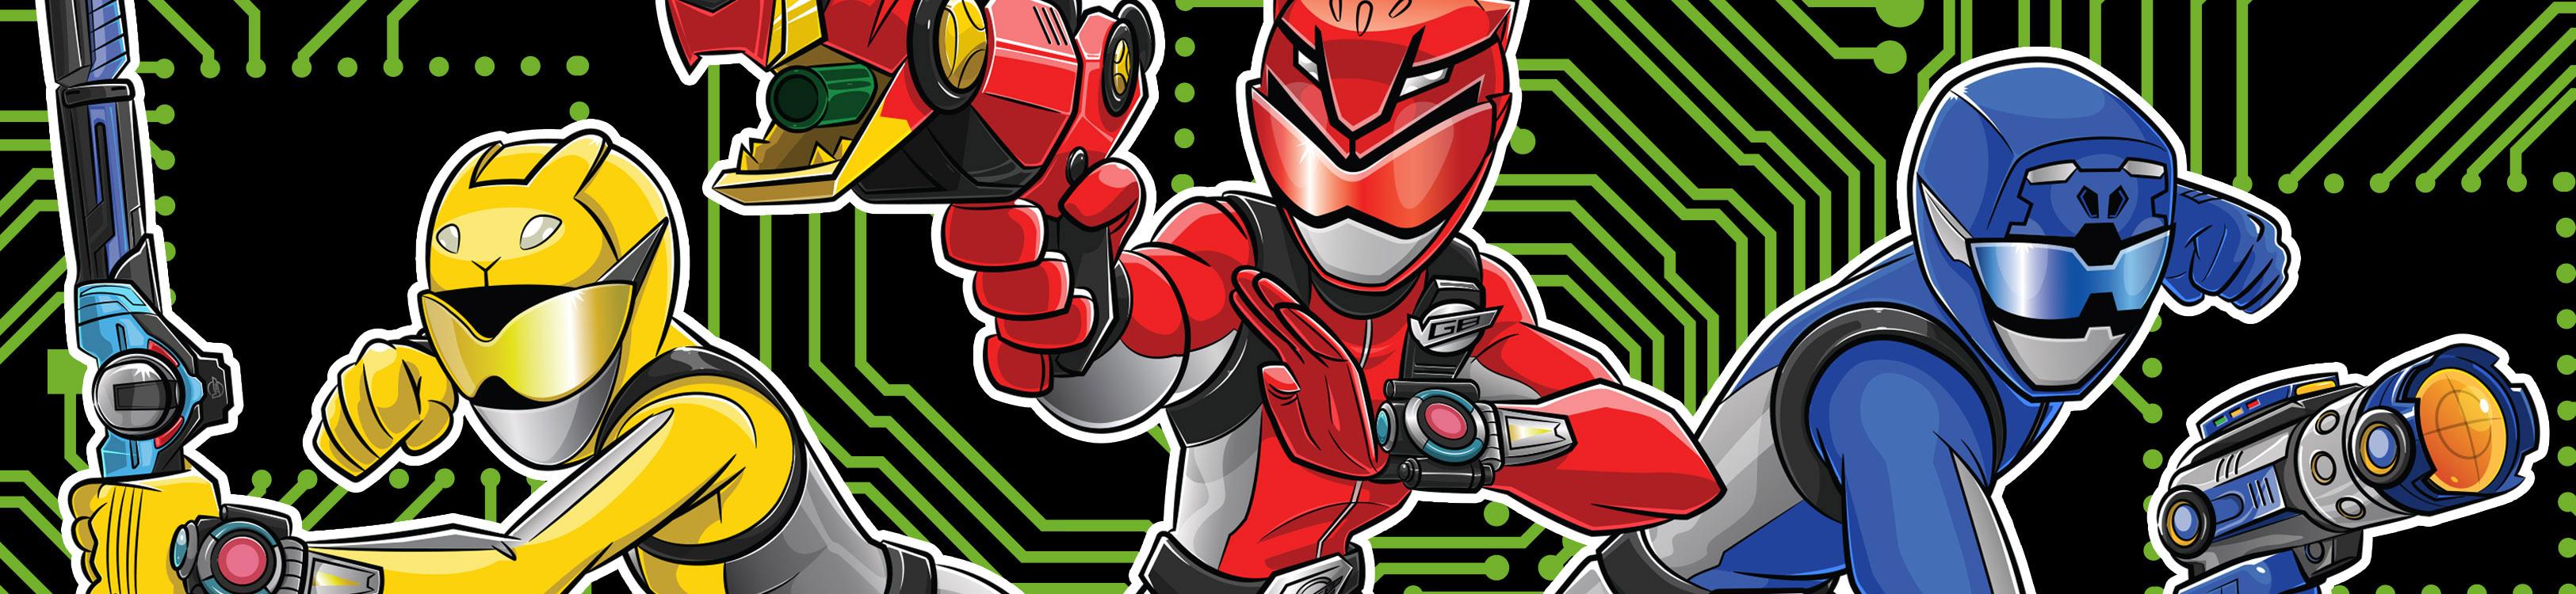 Power Rangers Beast Morphers   Logovision